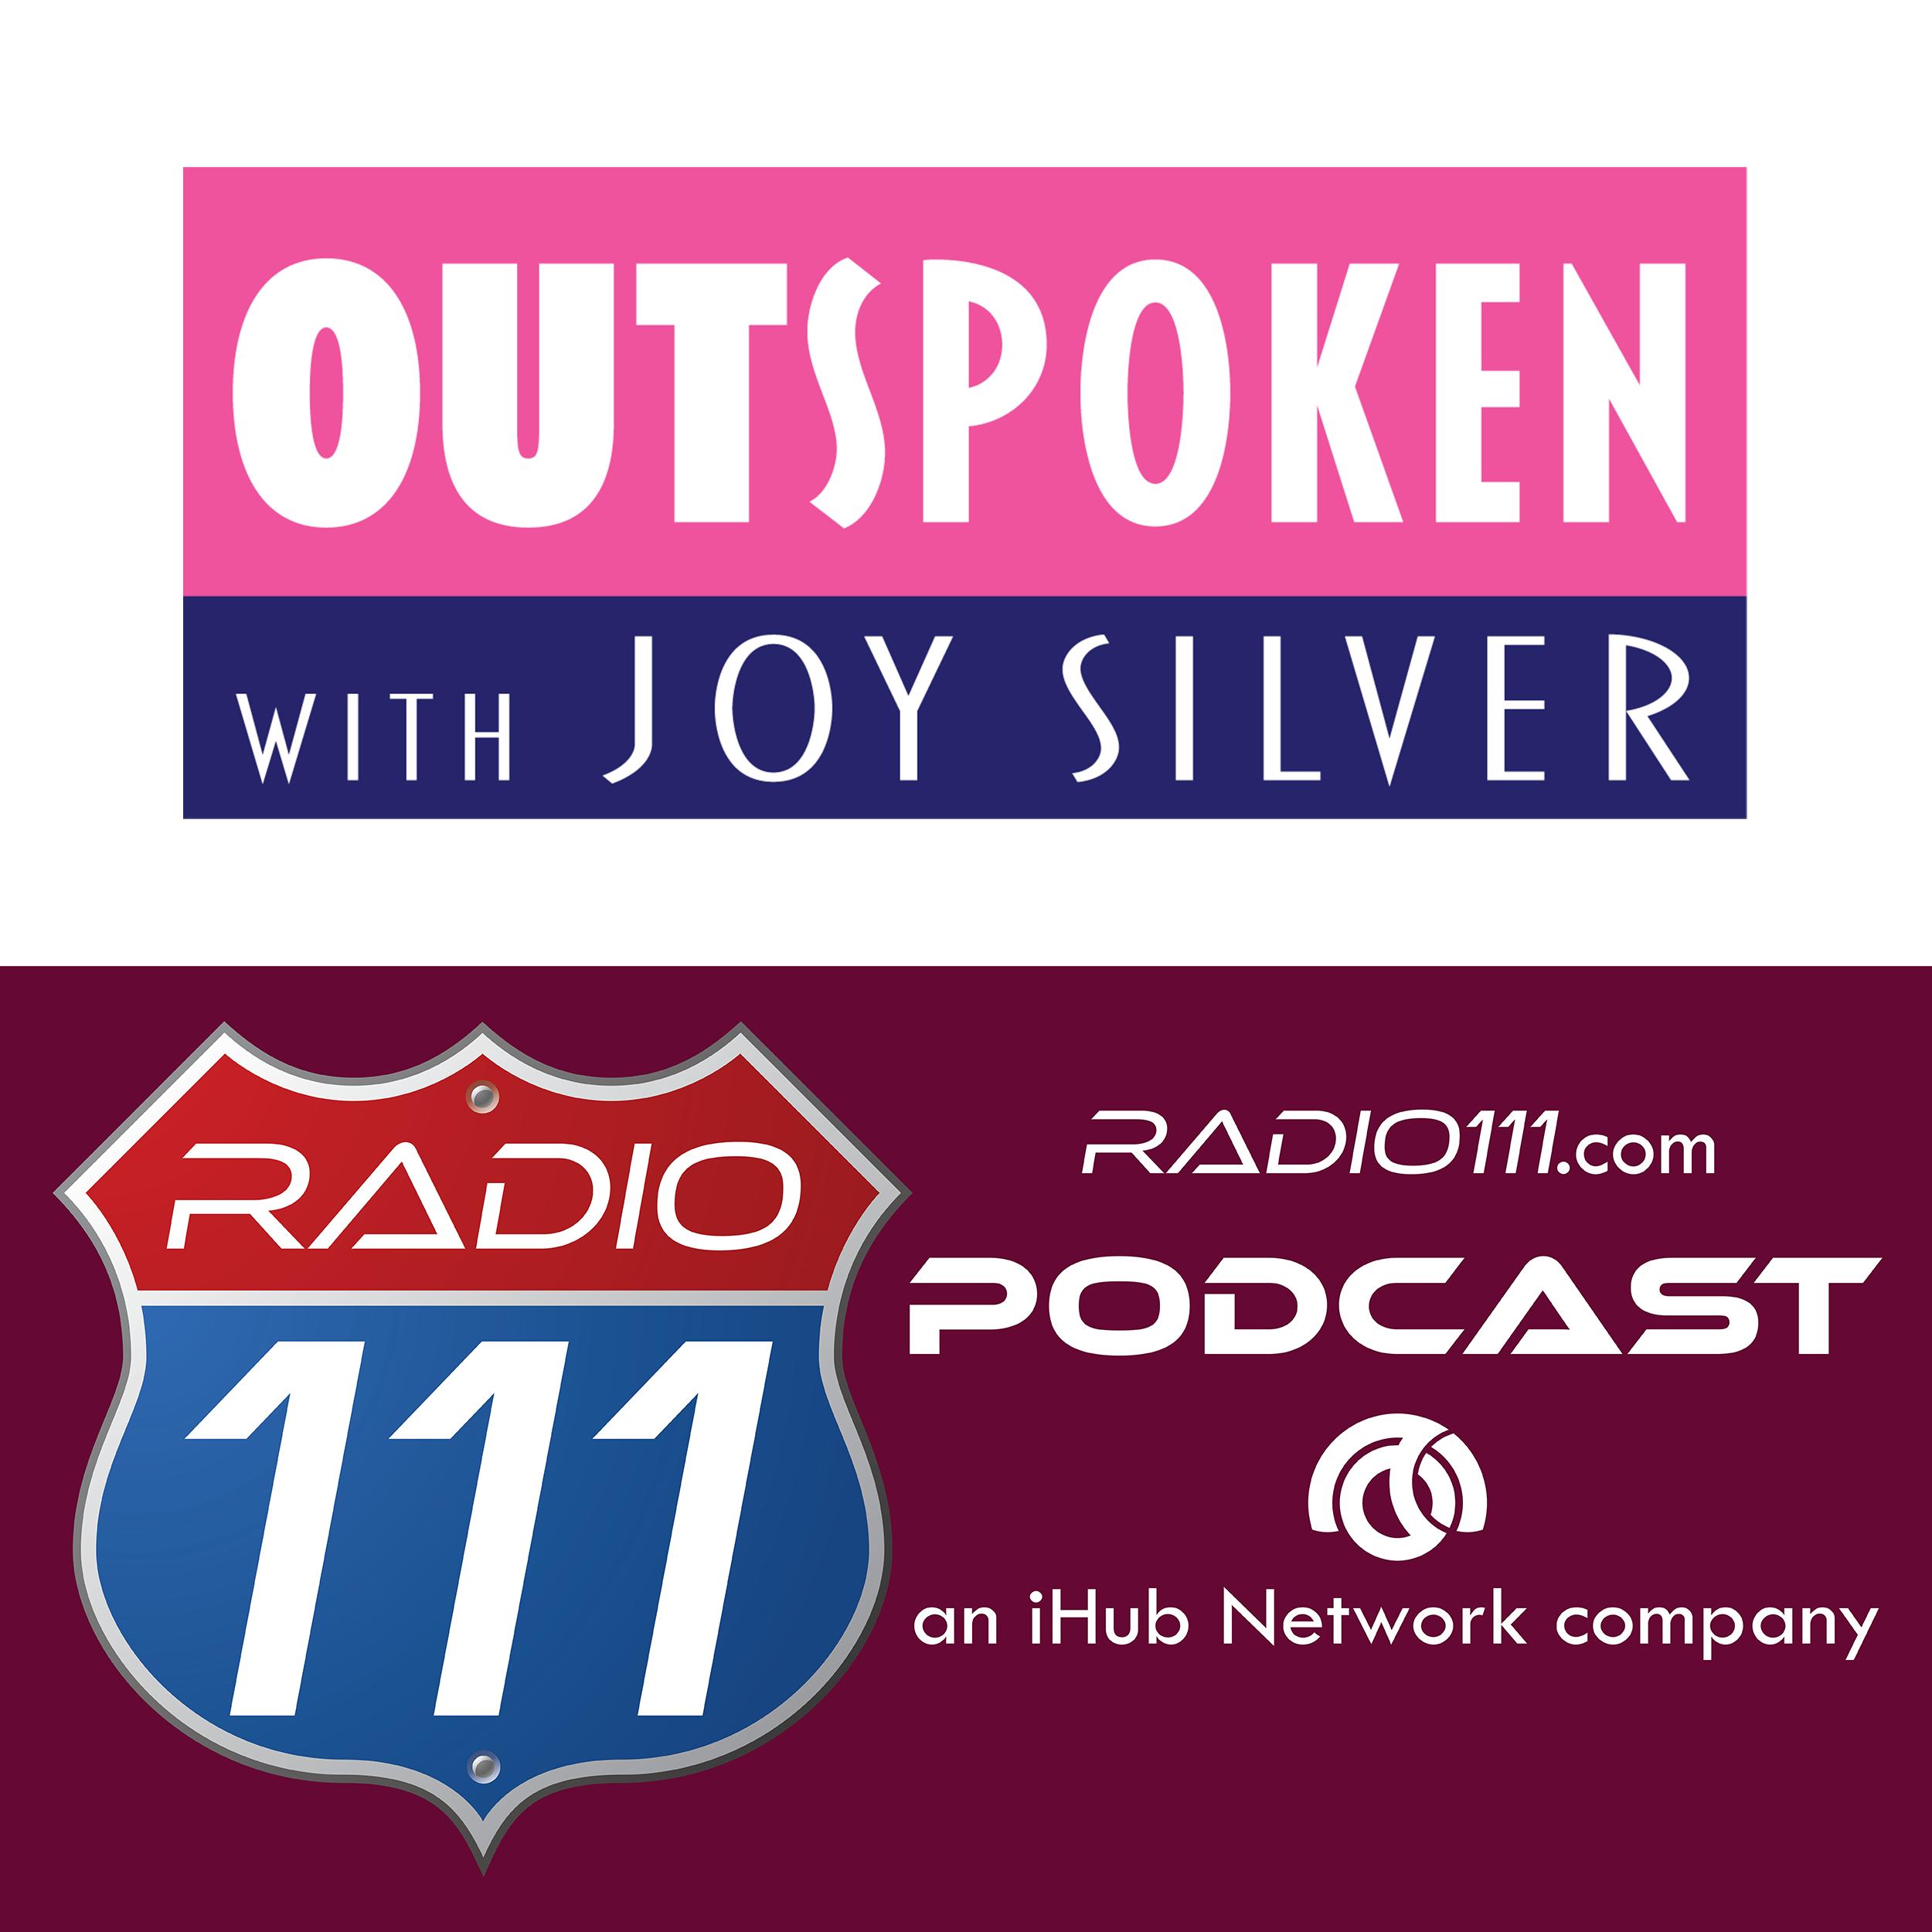 Artwork for podcast Outspoken